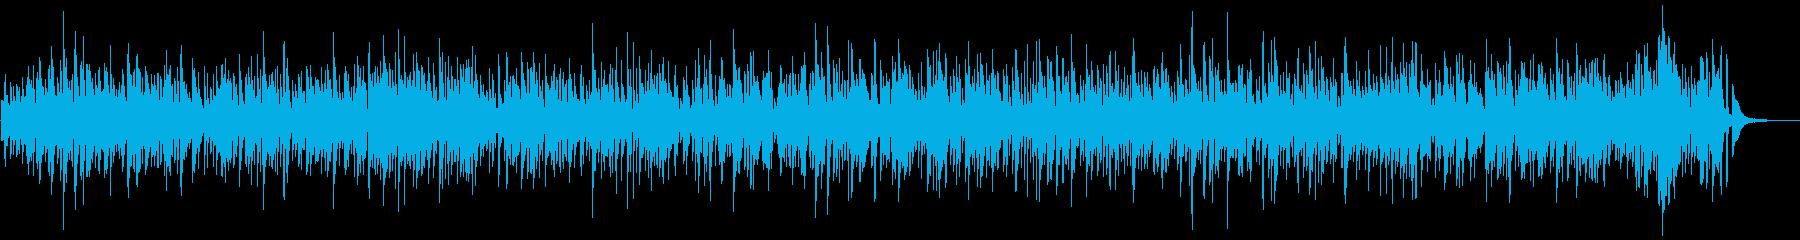 うきうきするボサノバBGMの再生済みの波形